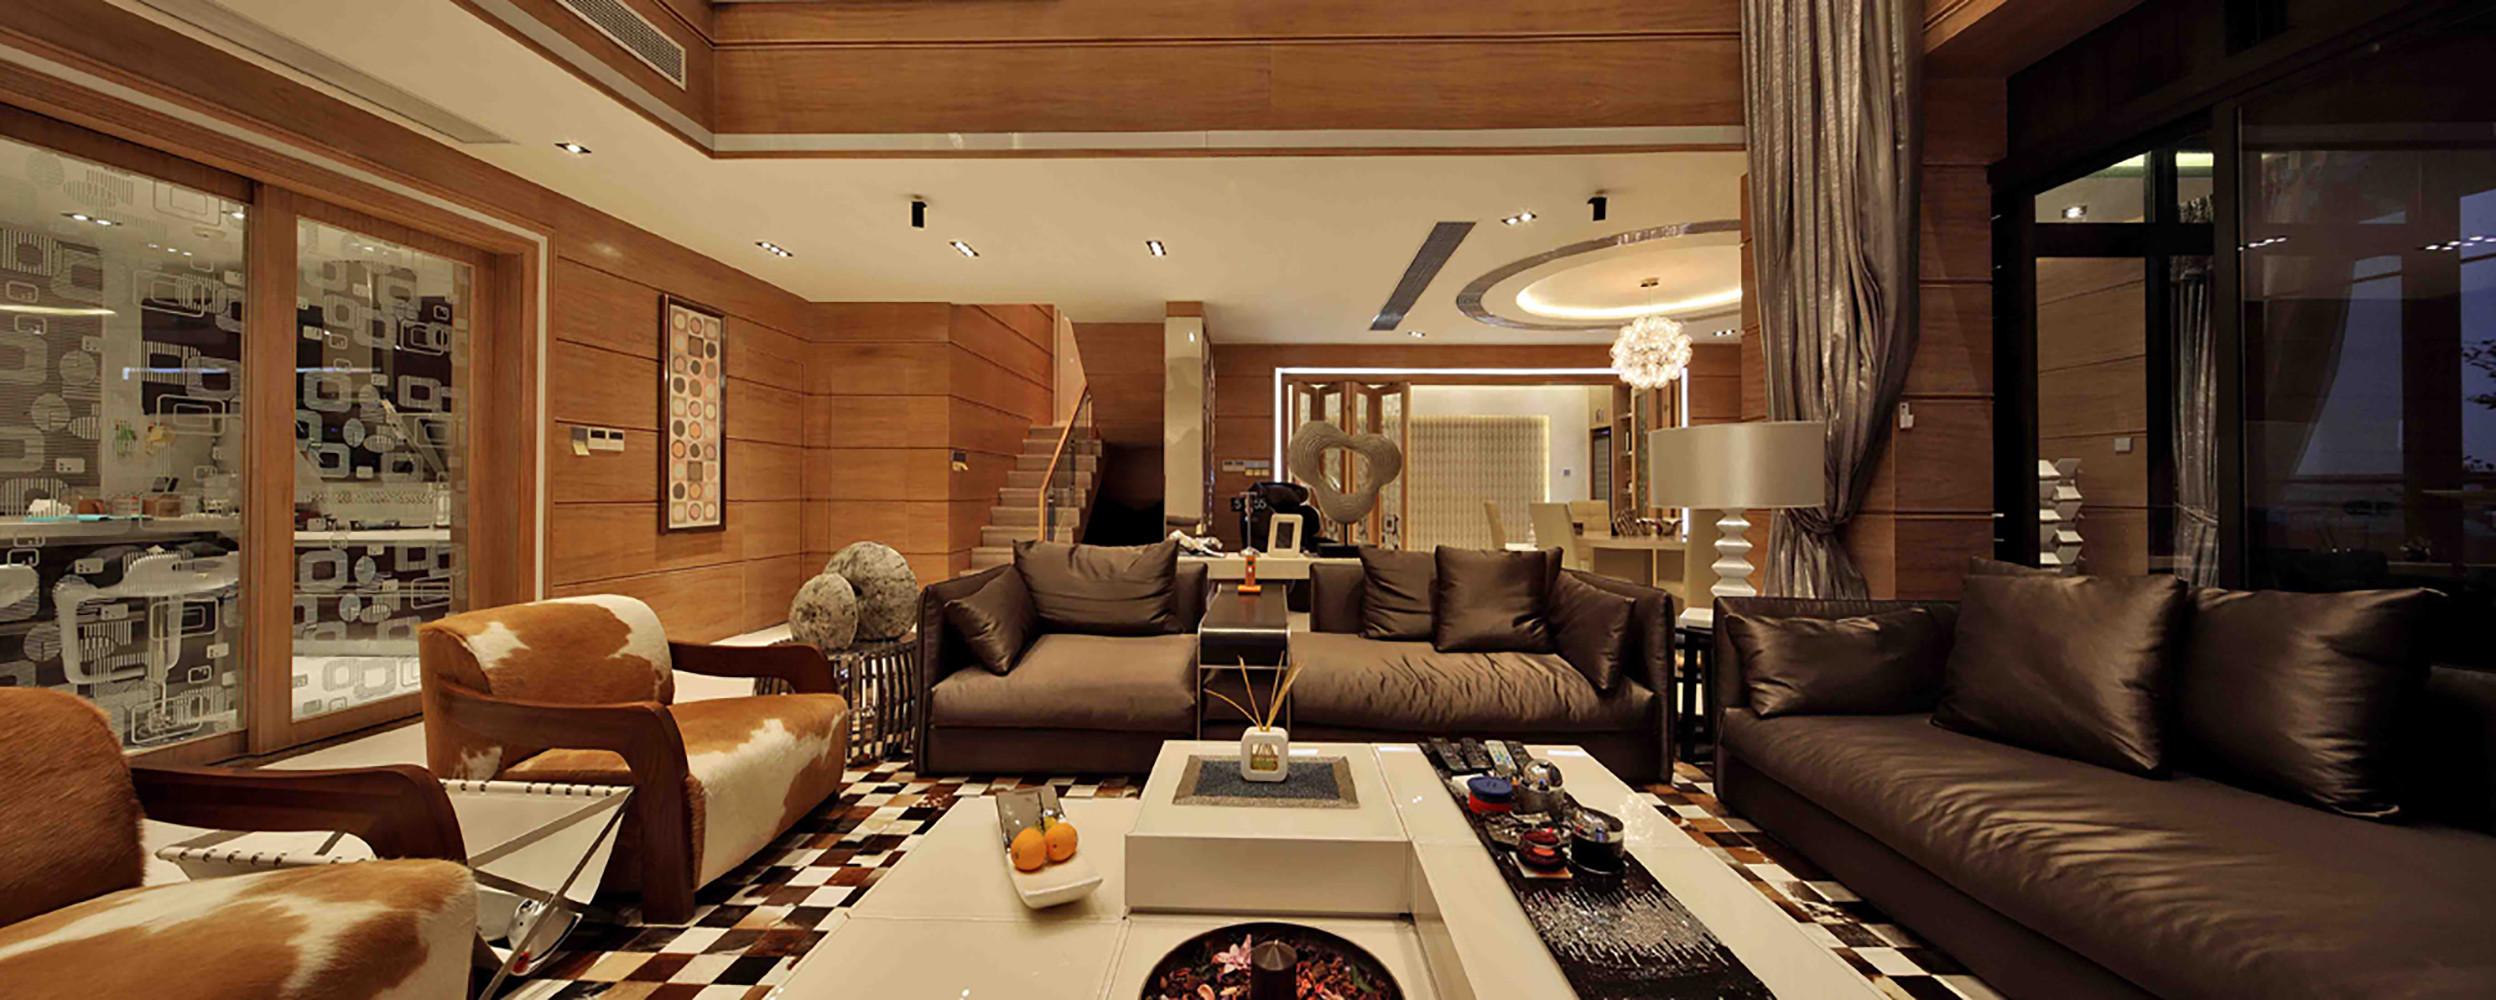 现代别墅装修沙发图片